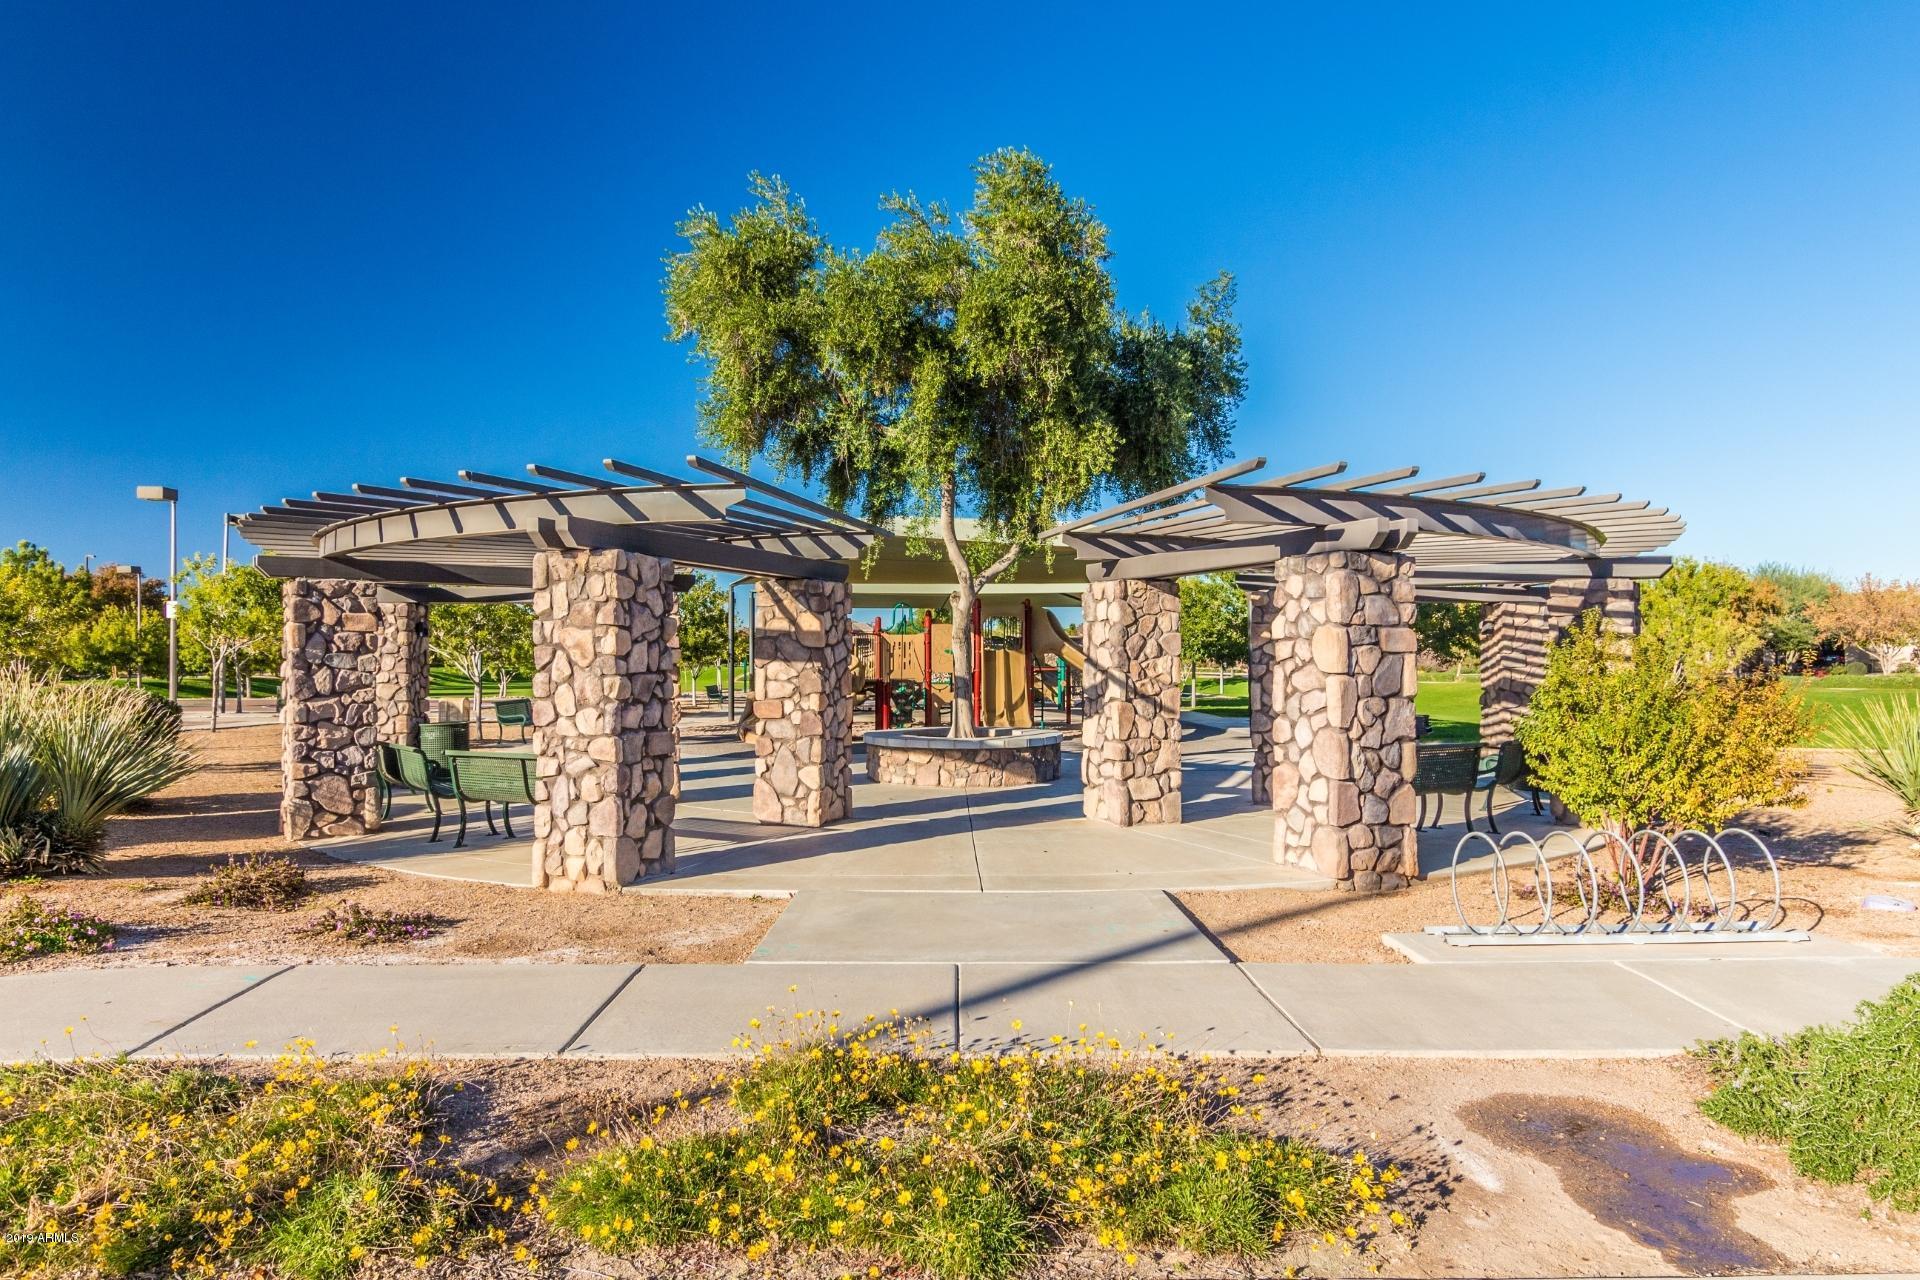 MLS 5862939 3144 E TIFFANY Way, Gilbert, AZ 85298 Gilbert AZ Shamrock Estates